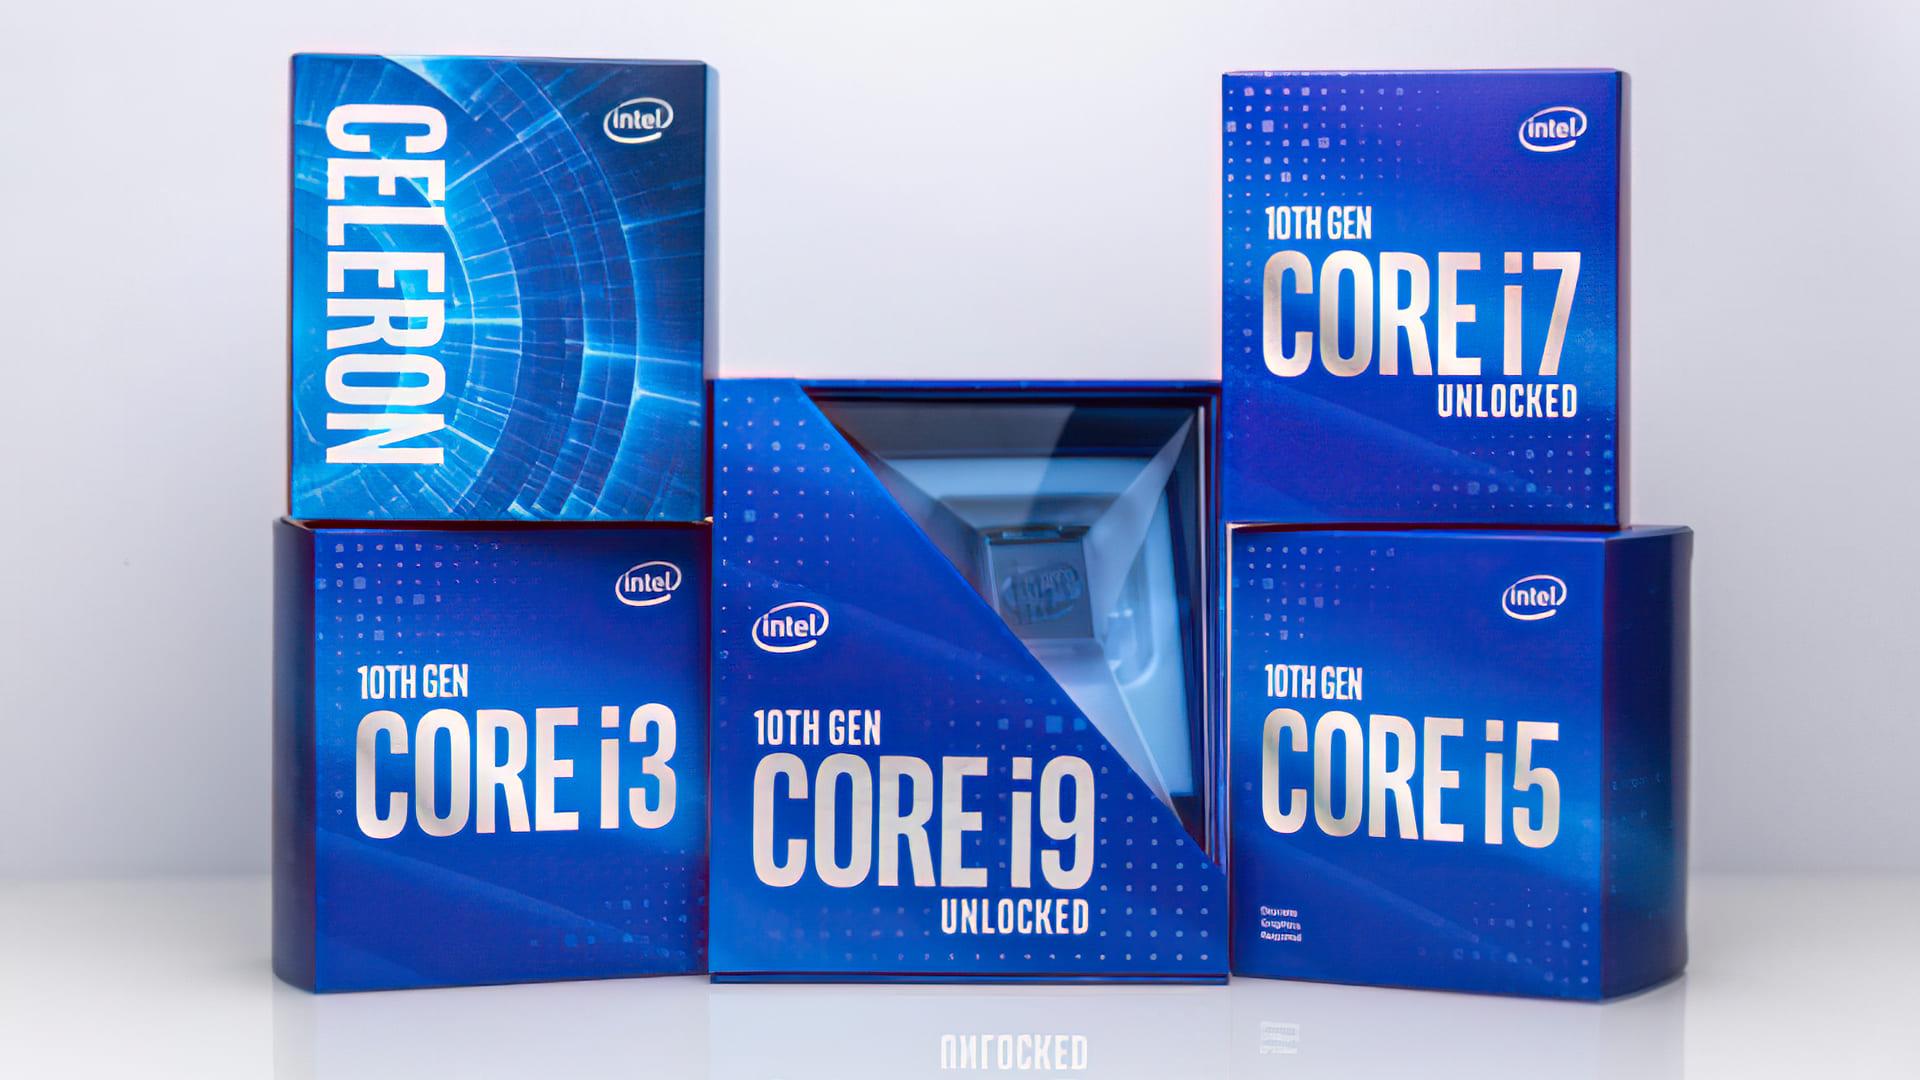 مع لوجو جديد وتعبئة أحدث، شركة Intel تستعد للجيل القادم مع معالجات i3